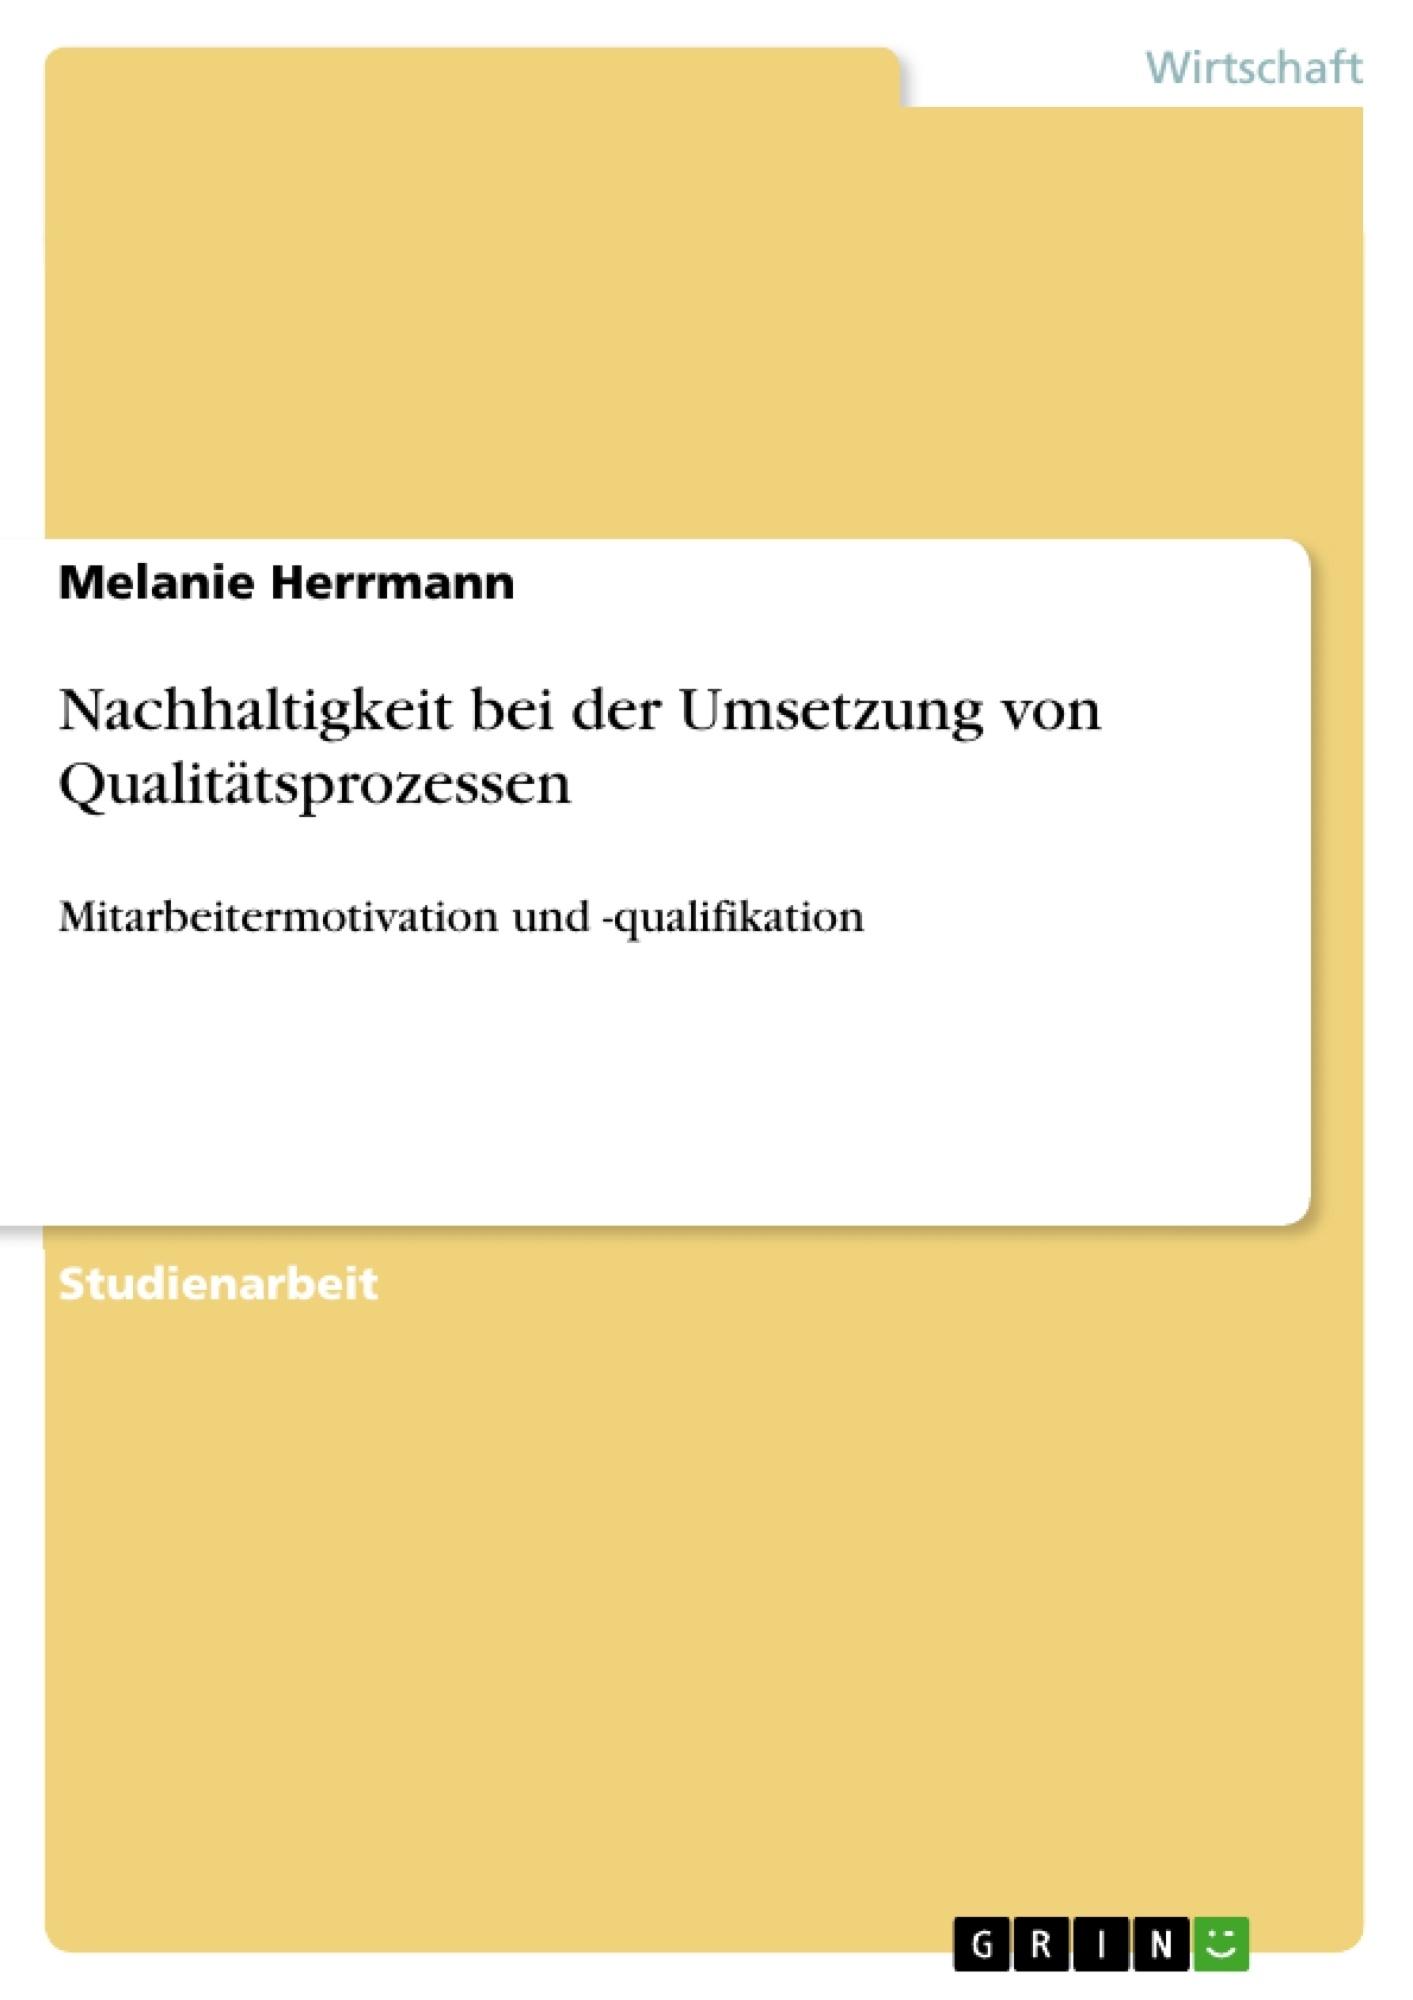 Titel: Nachhaltigkeit bei der Umsetzung von Qualitätsprozessen